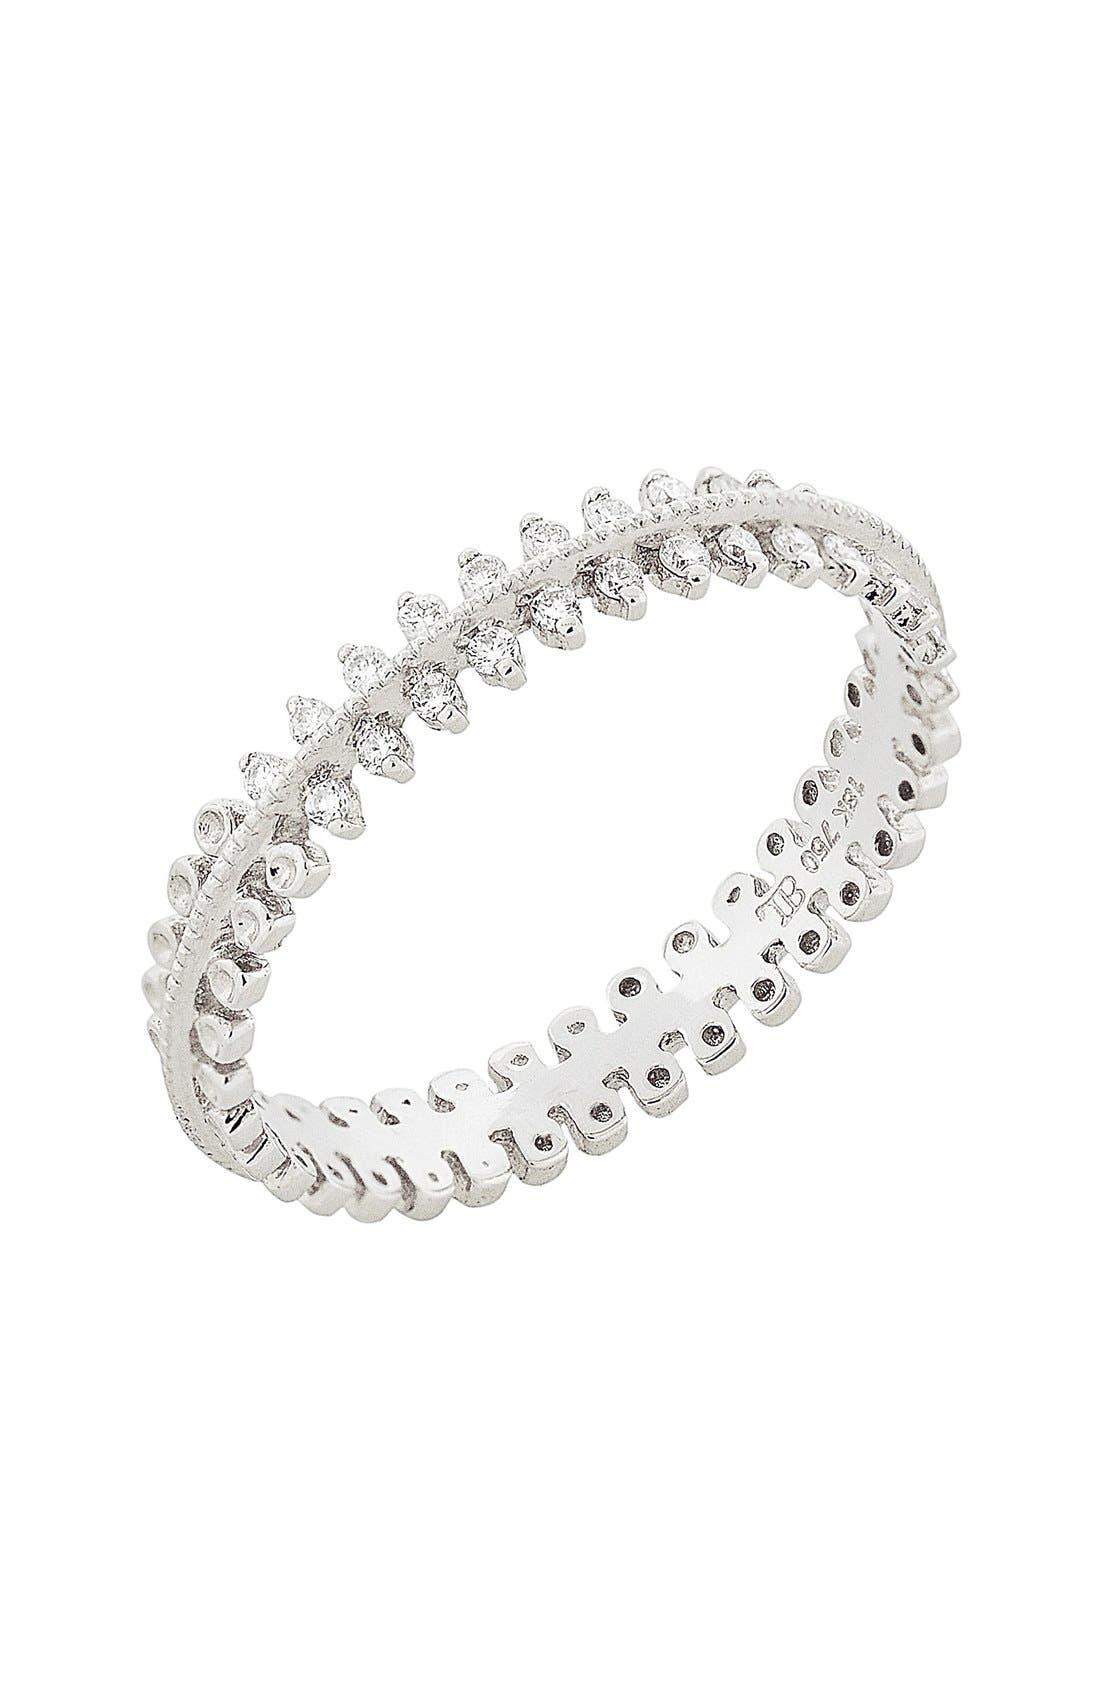 Main Image - Bony Levy Stackable Three Row Diamond Band Ring